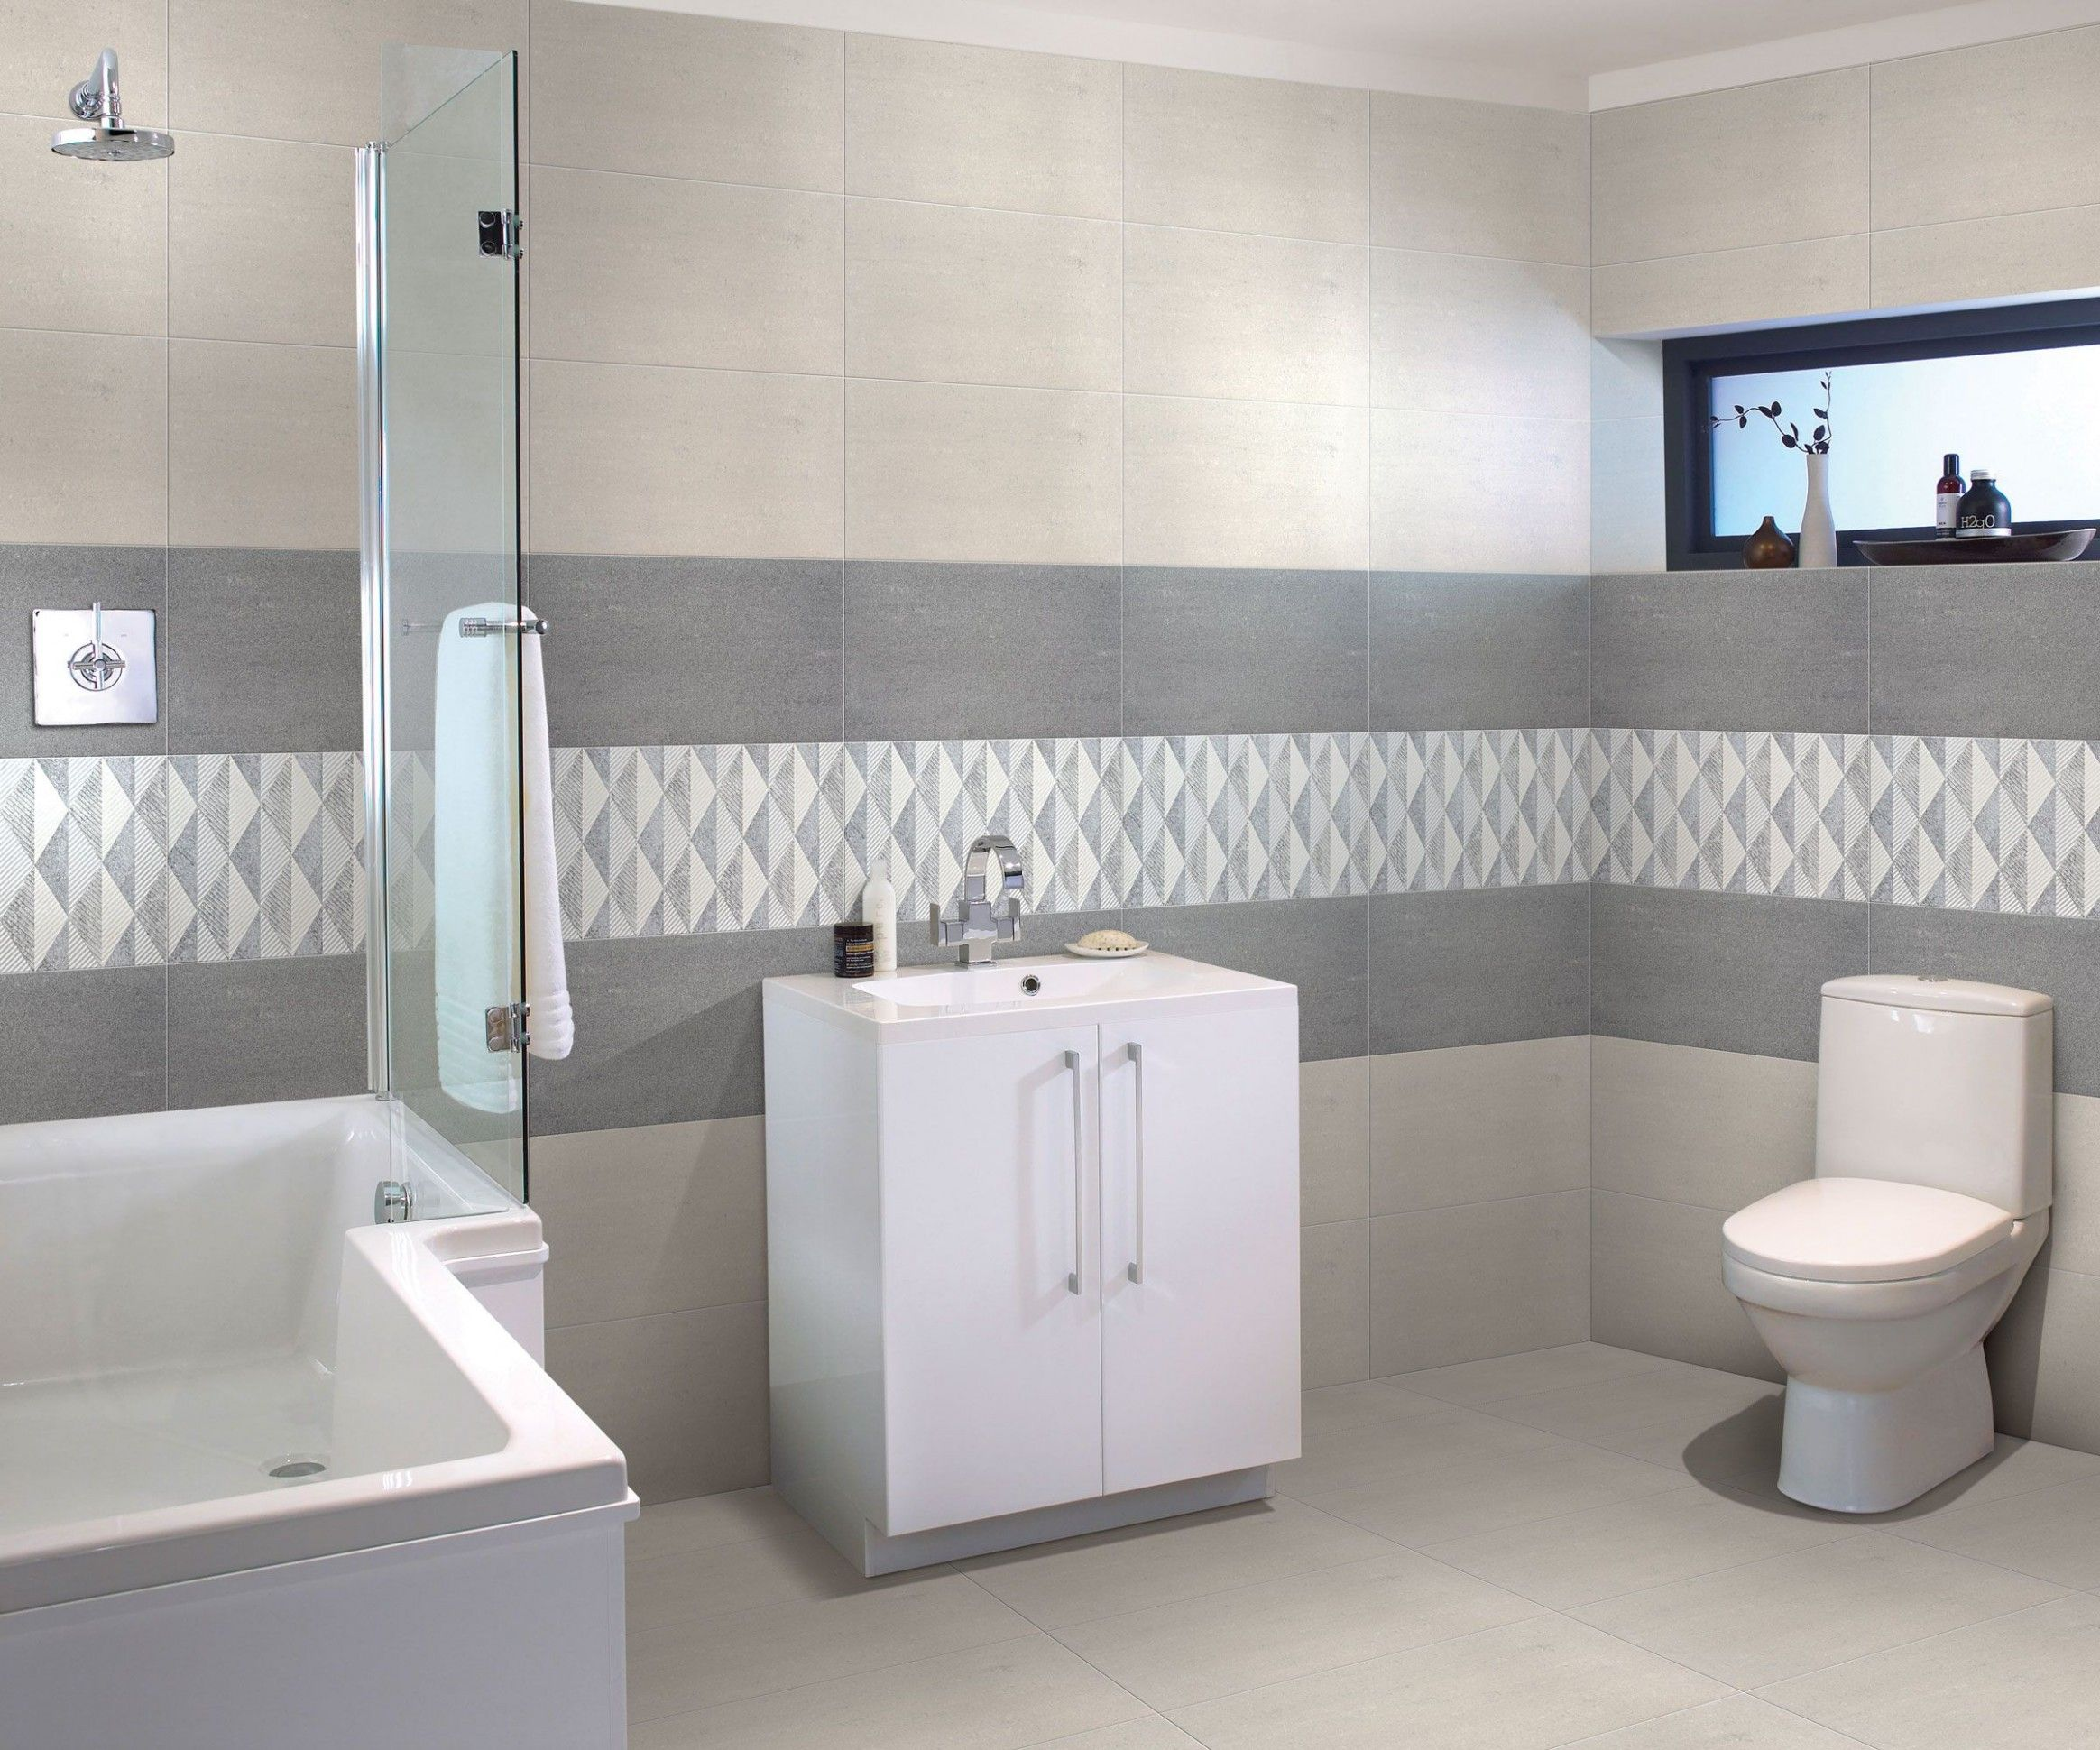 Indian Bathroom Floor Tiles Design Pictures Bathroom Wall Tile Design Bathroom Tile Designs Wall Tiles Design